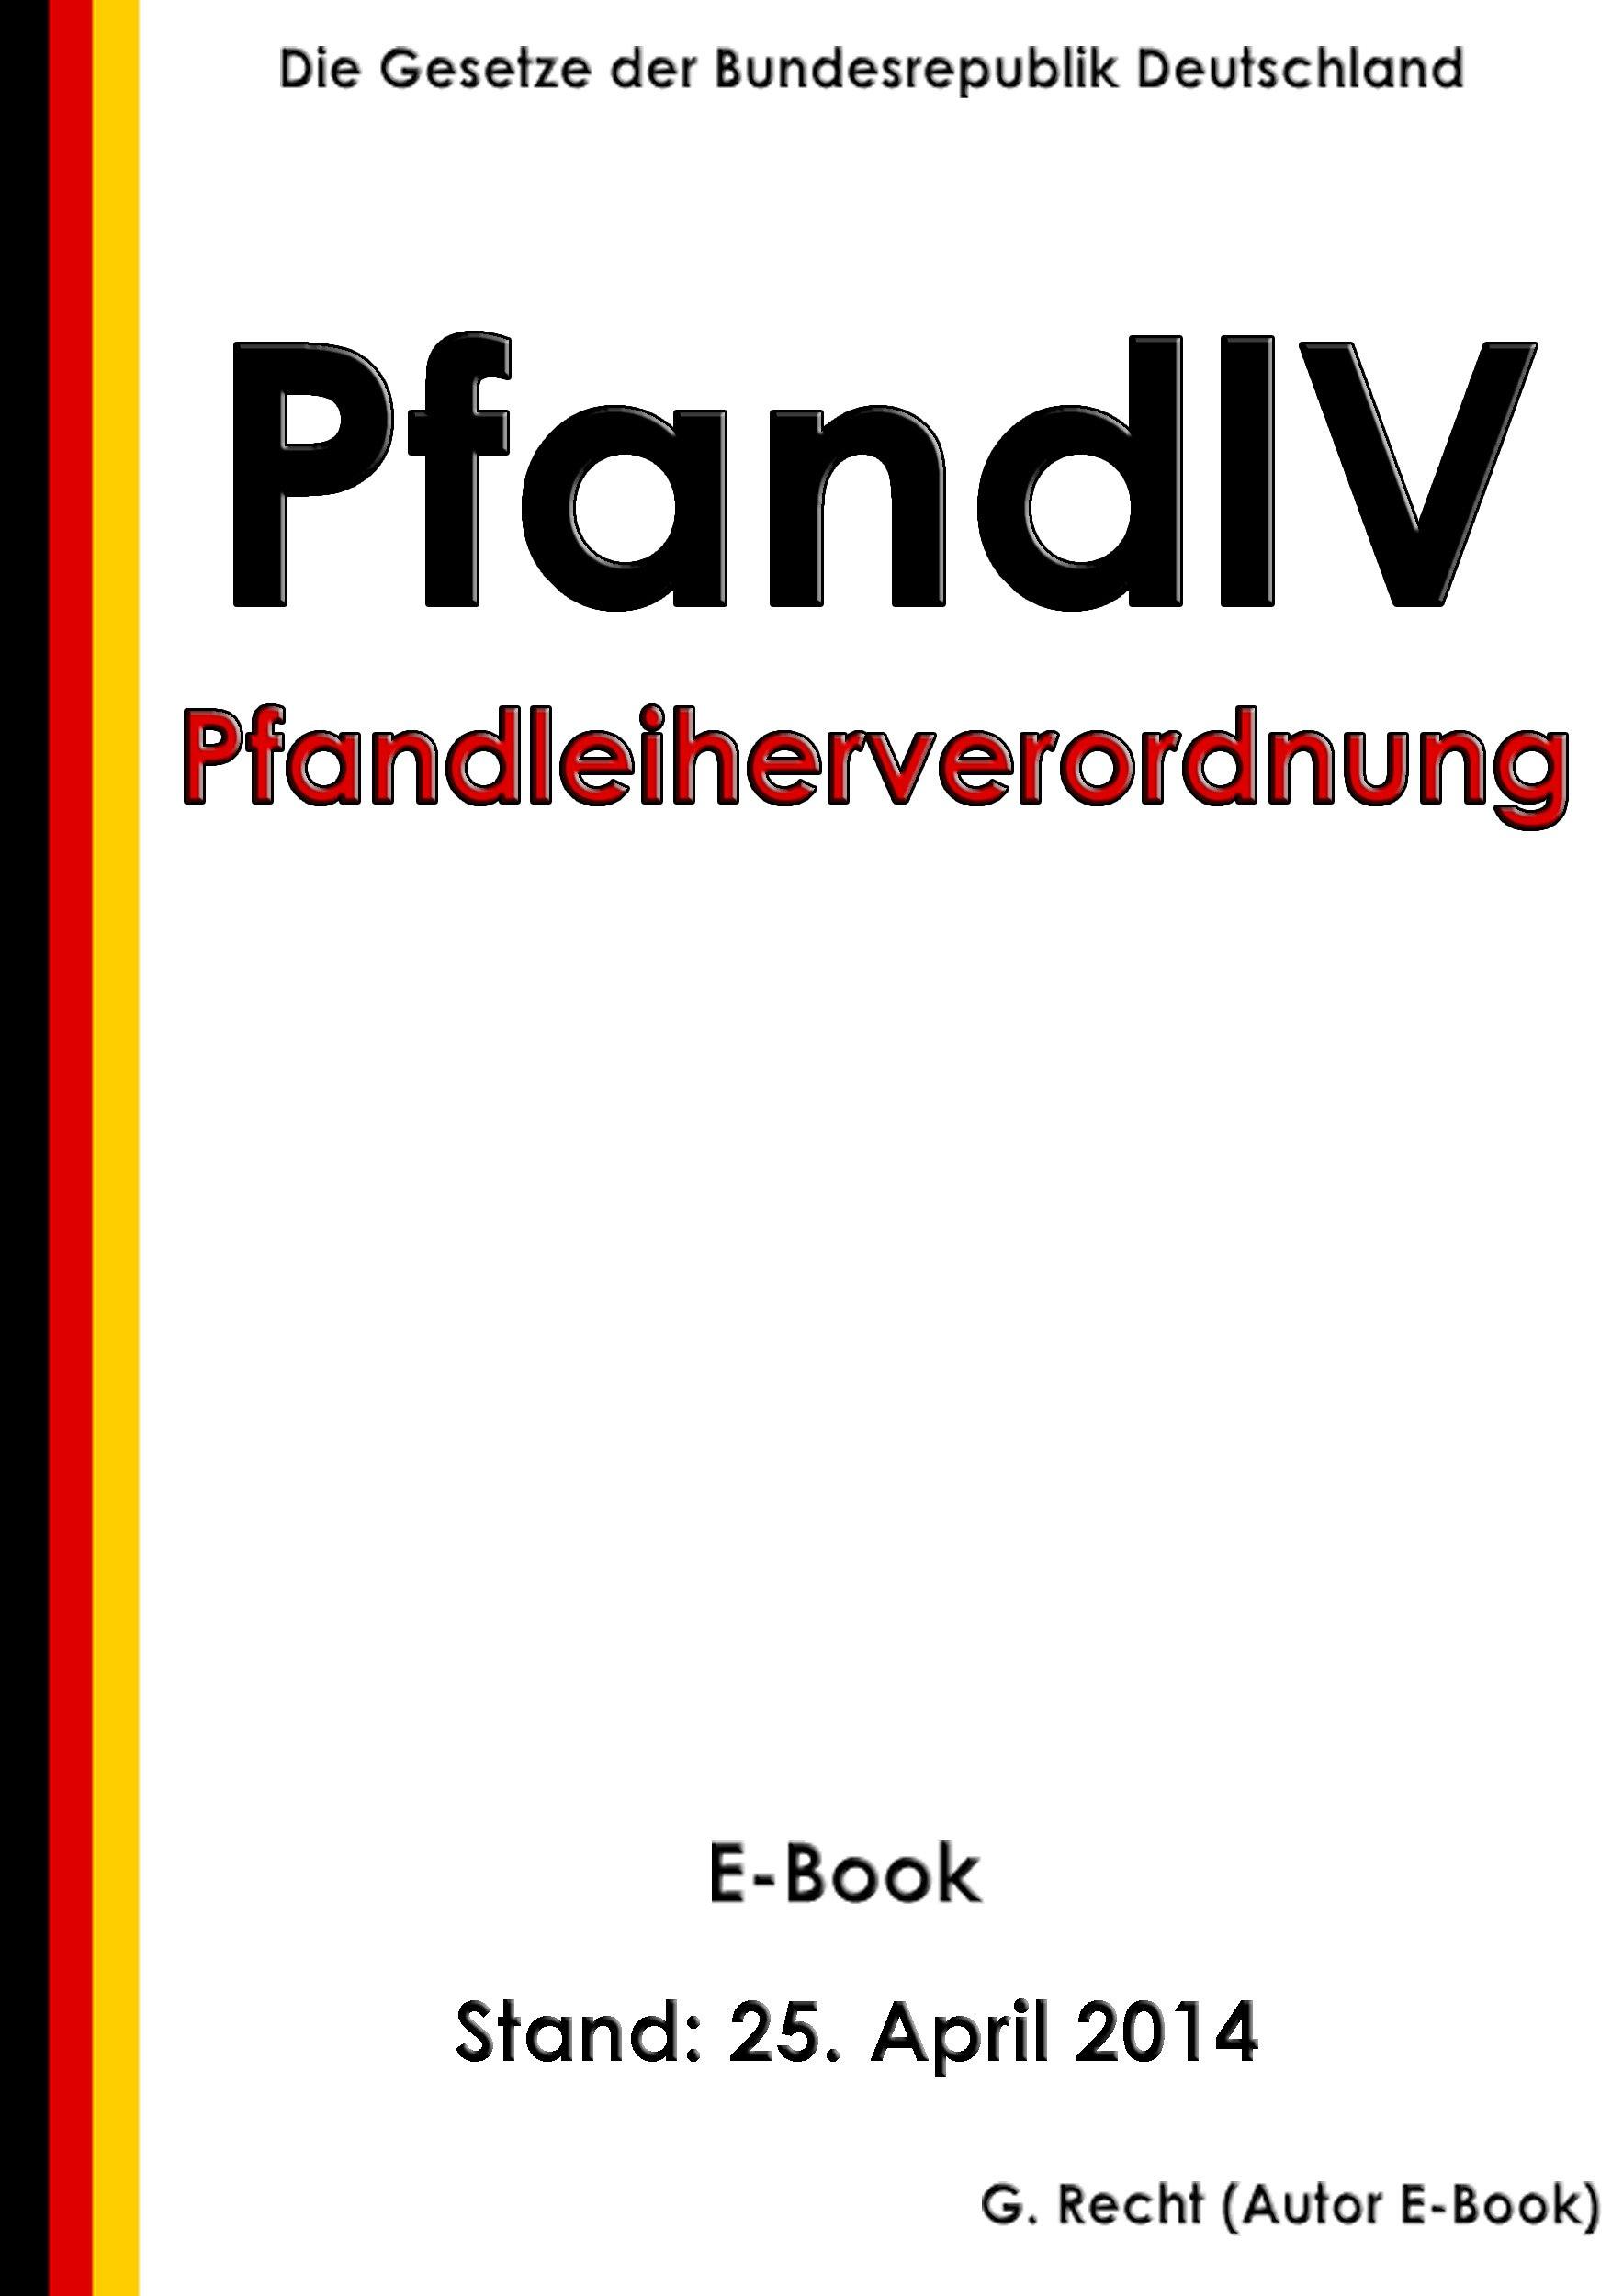 Verordnung über den Geschäftsbetrieb der gewerblichen Pfandleiher (Pfandleiherverordnung - PfandlV) - E-Book - Stand: 25. April 2014 (German Edition)